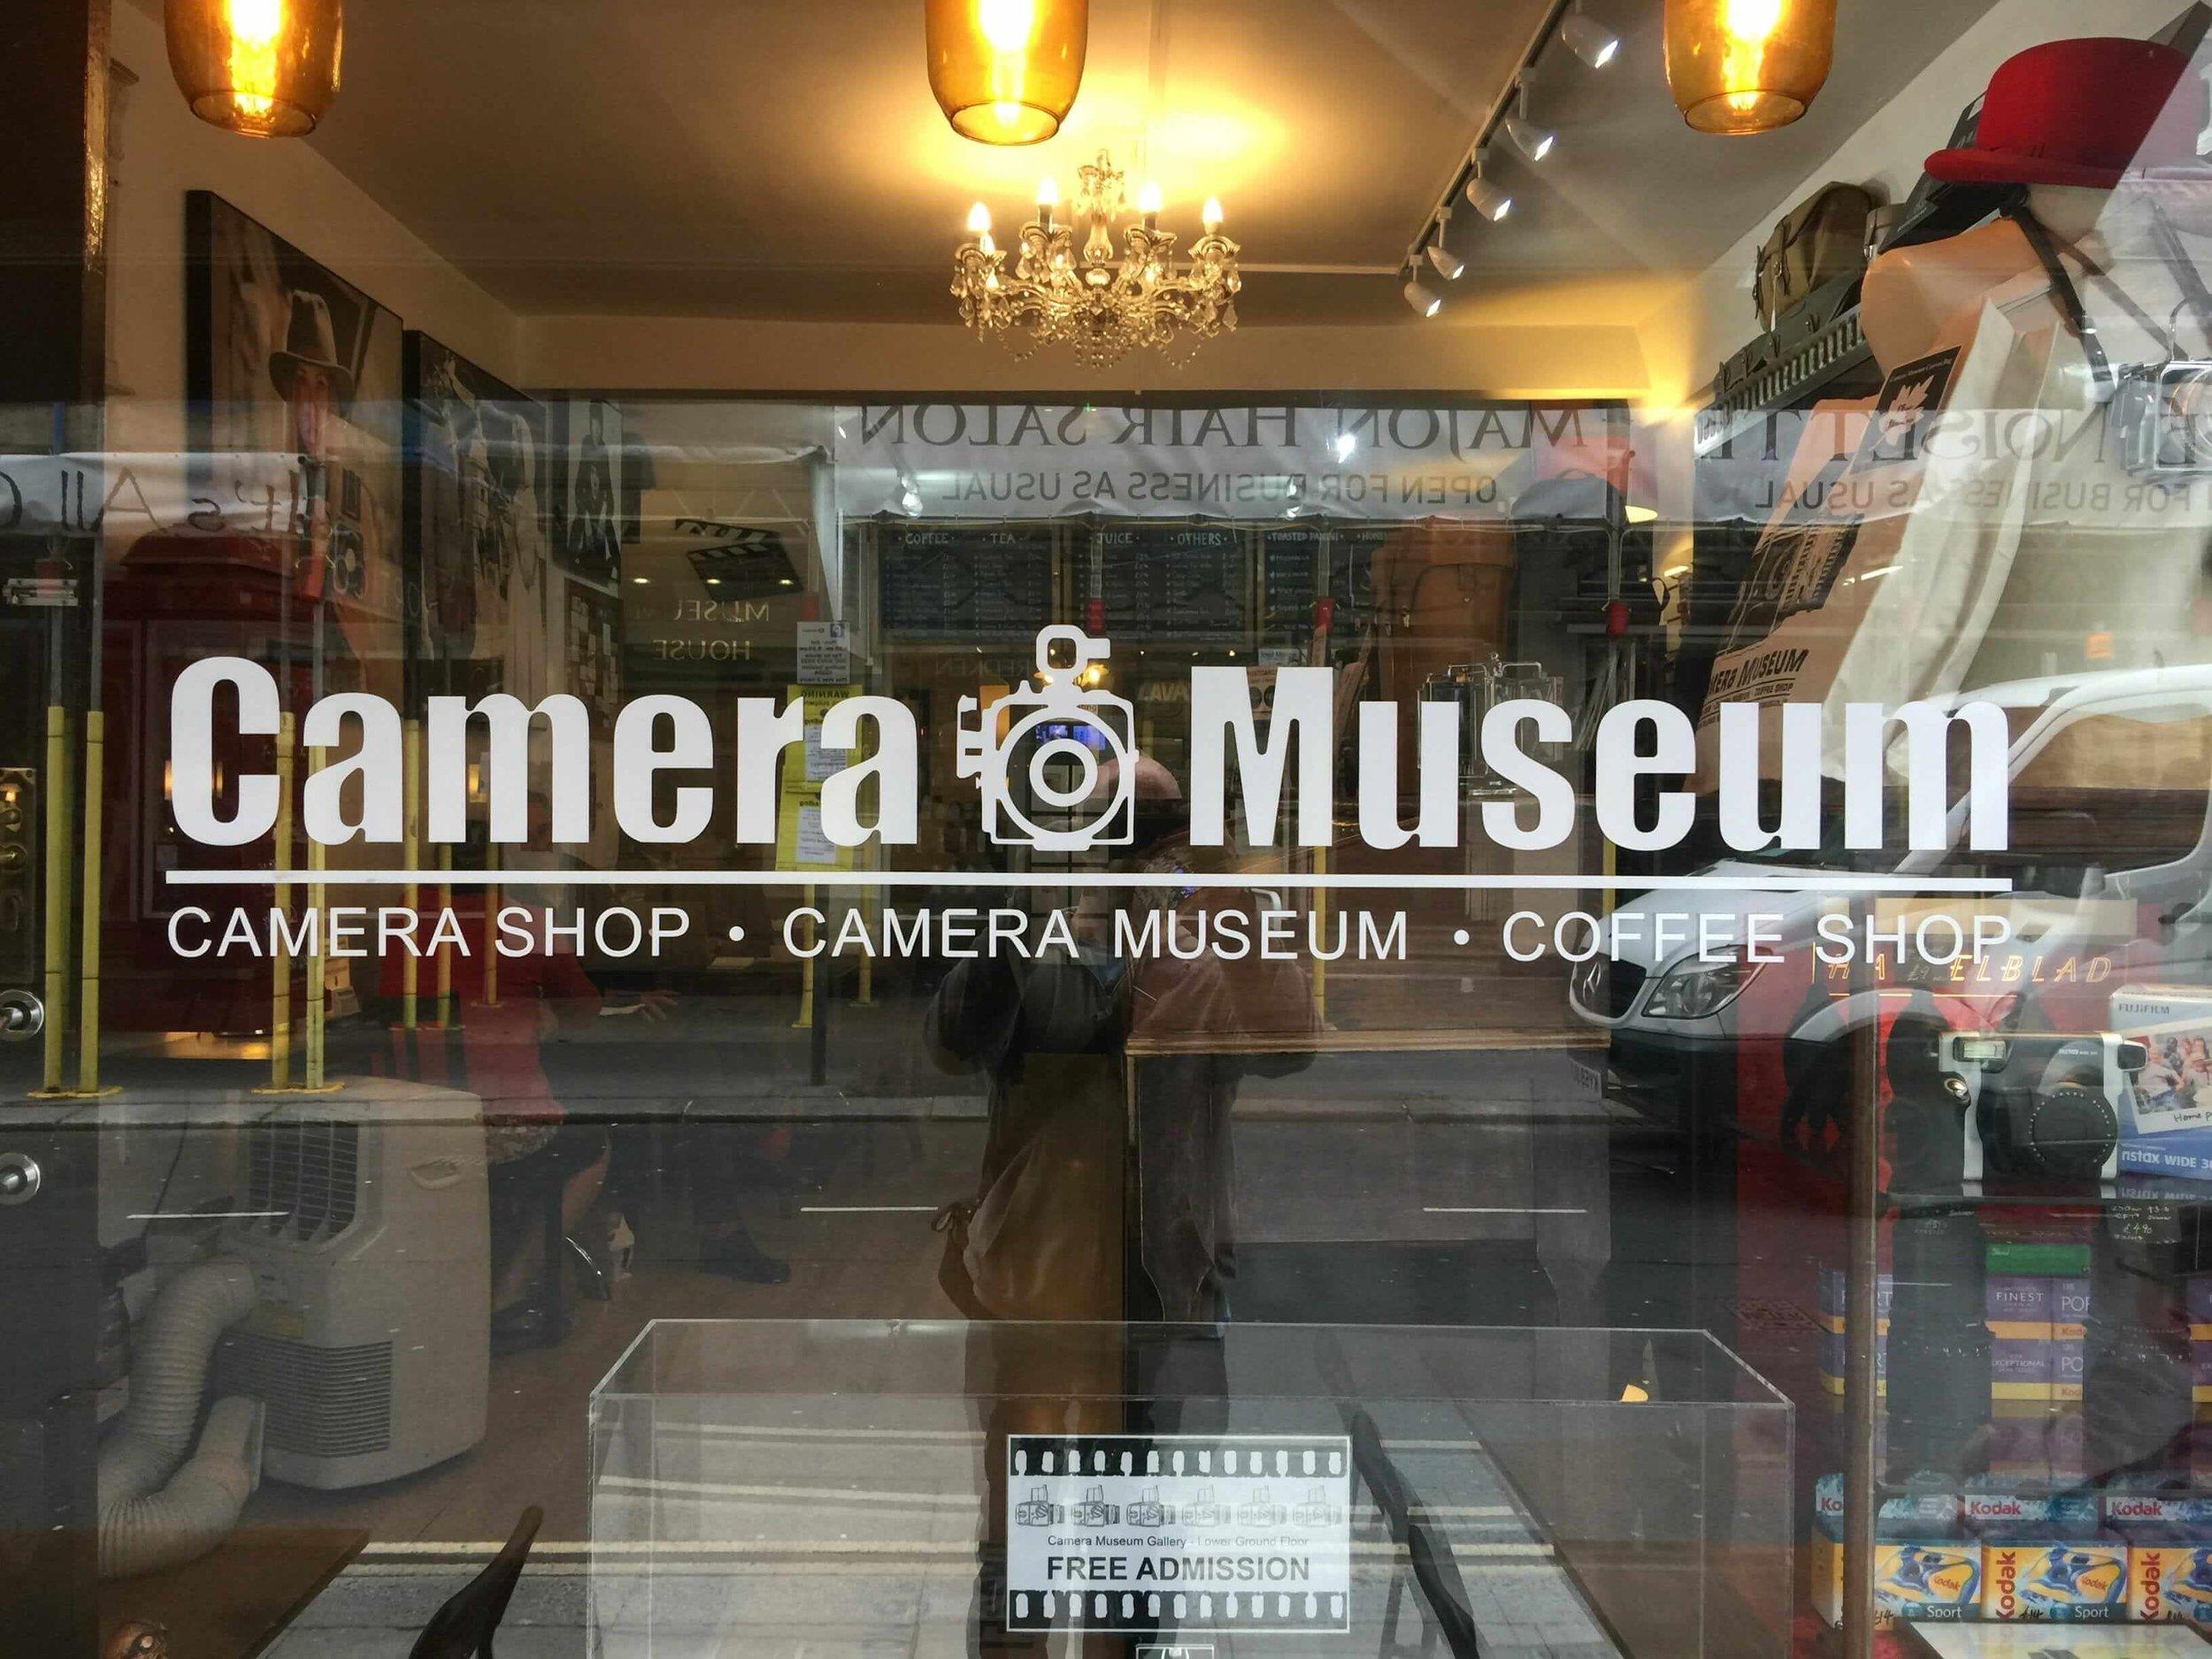 The Camera Museum Leica Hasselblad